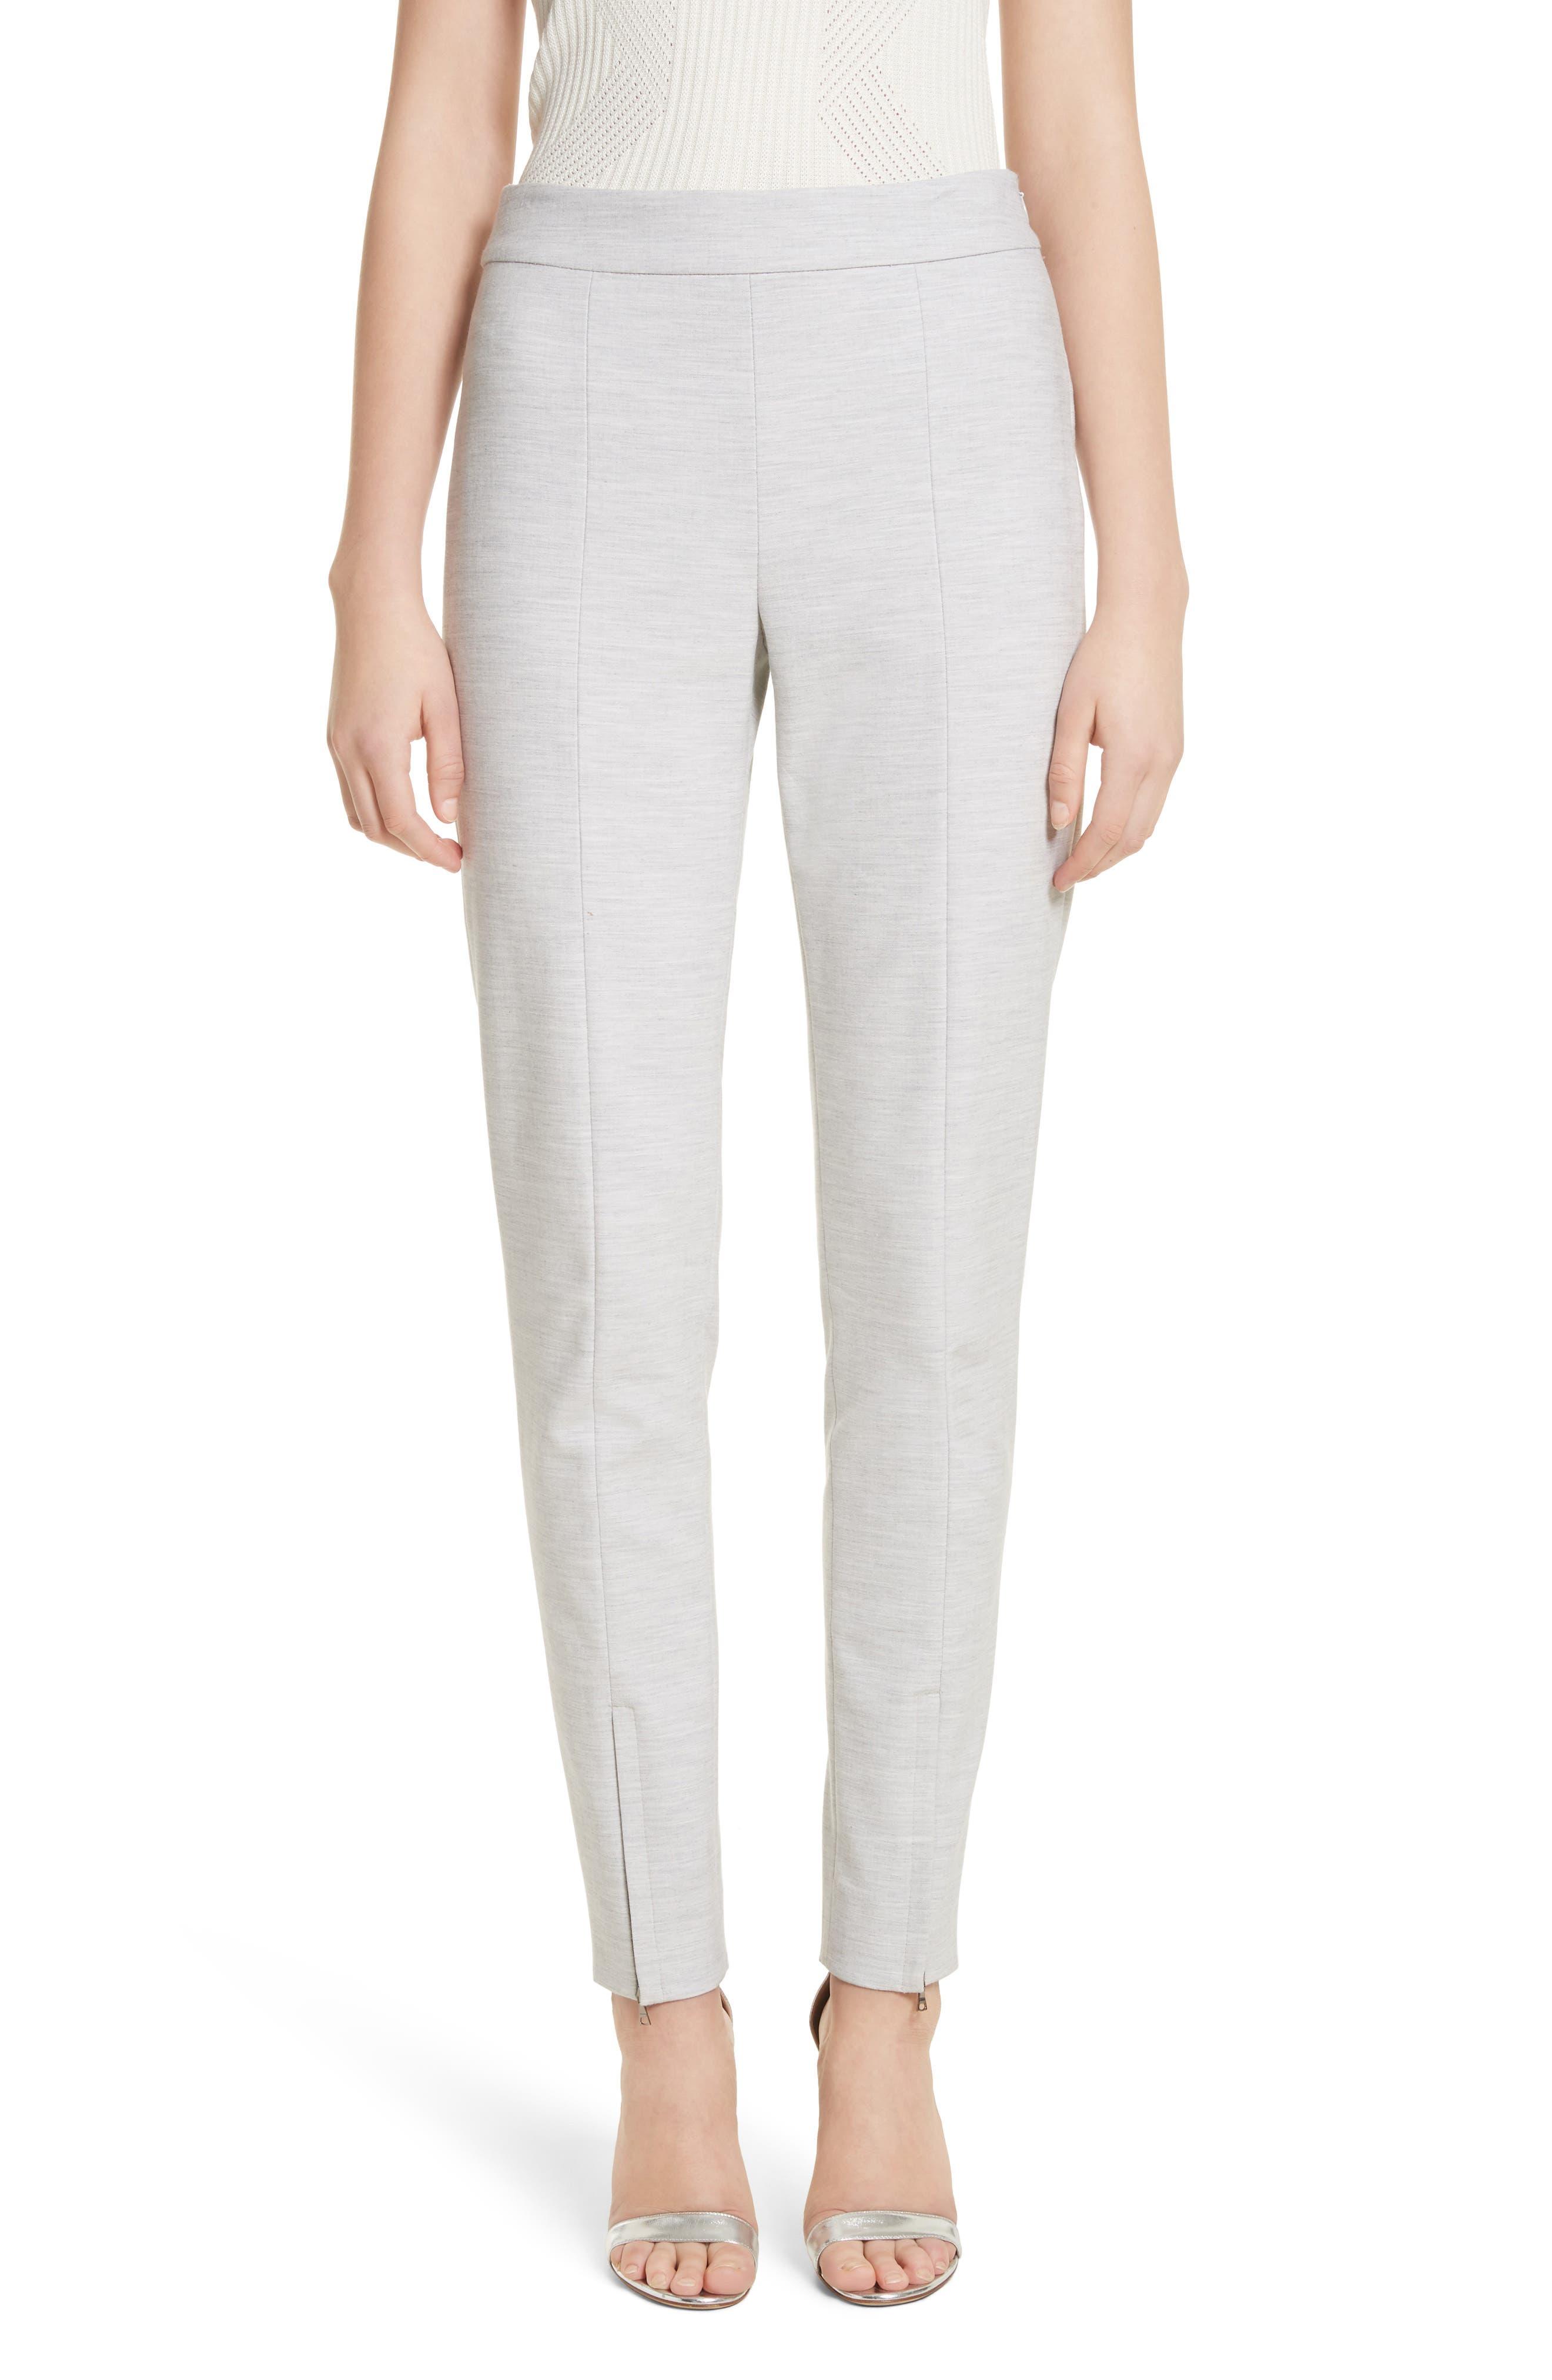 Summer Bella Double Weave Pants,                         Main,                         color, 060